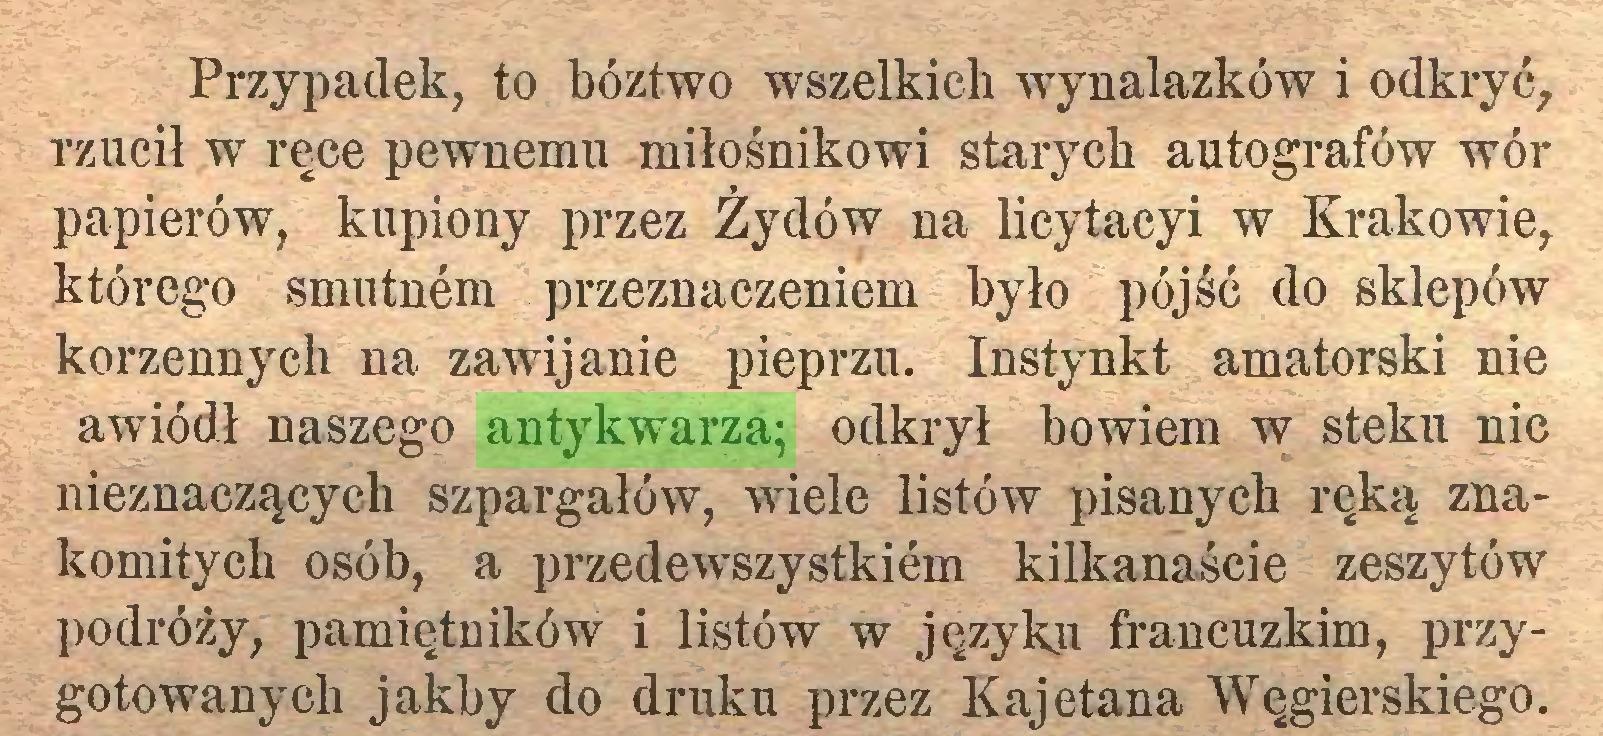 (...) Przypadek, to bóztwo wszelkich wynalazków i odkryć, rzucił w ręce pewnemu miłośnikowi starych autografów wór papierów, kupiony przez Żydów na licytacyi w Krakowie, którego smutnem przeznaczeniem było pójść do sklepów korzennych na zawijanie pieprzu. Instynkt amatorski nie awiódł naszego antykwarza; odkrył bowiem w steku nic nieznaczących szpargałów, wiele listów pisanych ręką znakomitych osób, a przedewszystkiem kilkanaście zeszytów podróży, pamiętników i listów w języku francuzkim, przygotowanych jakby do druku przez Kajetana Węgierskiego...